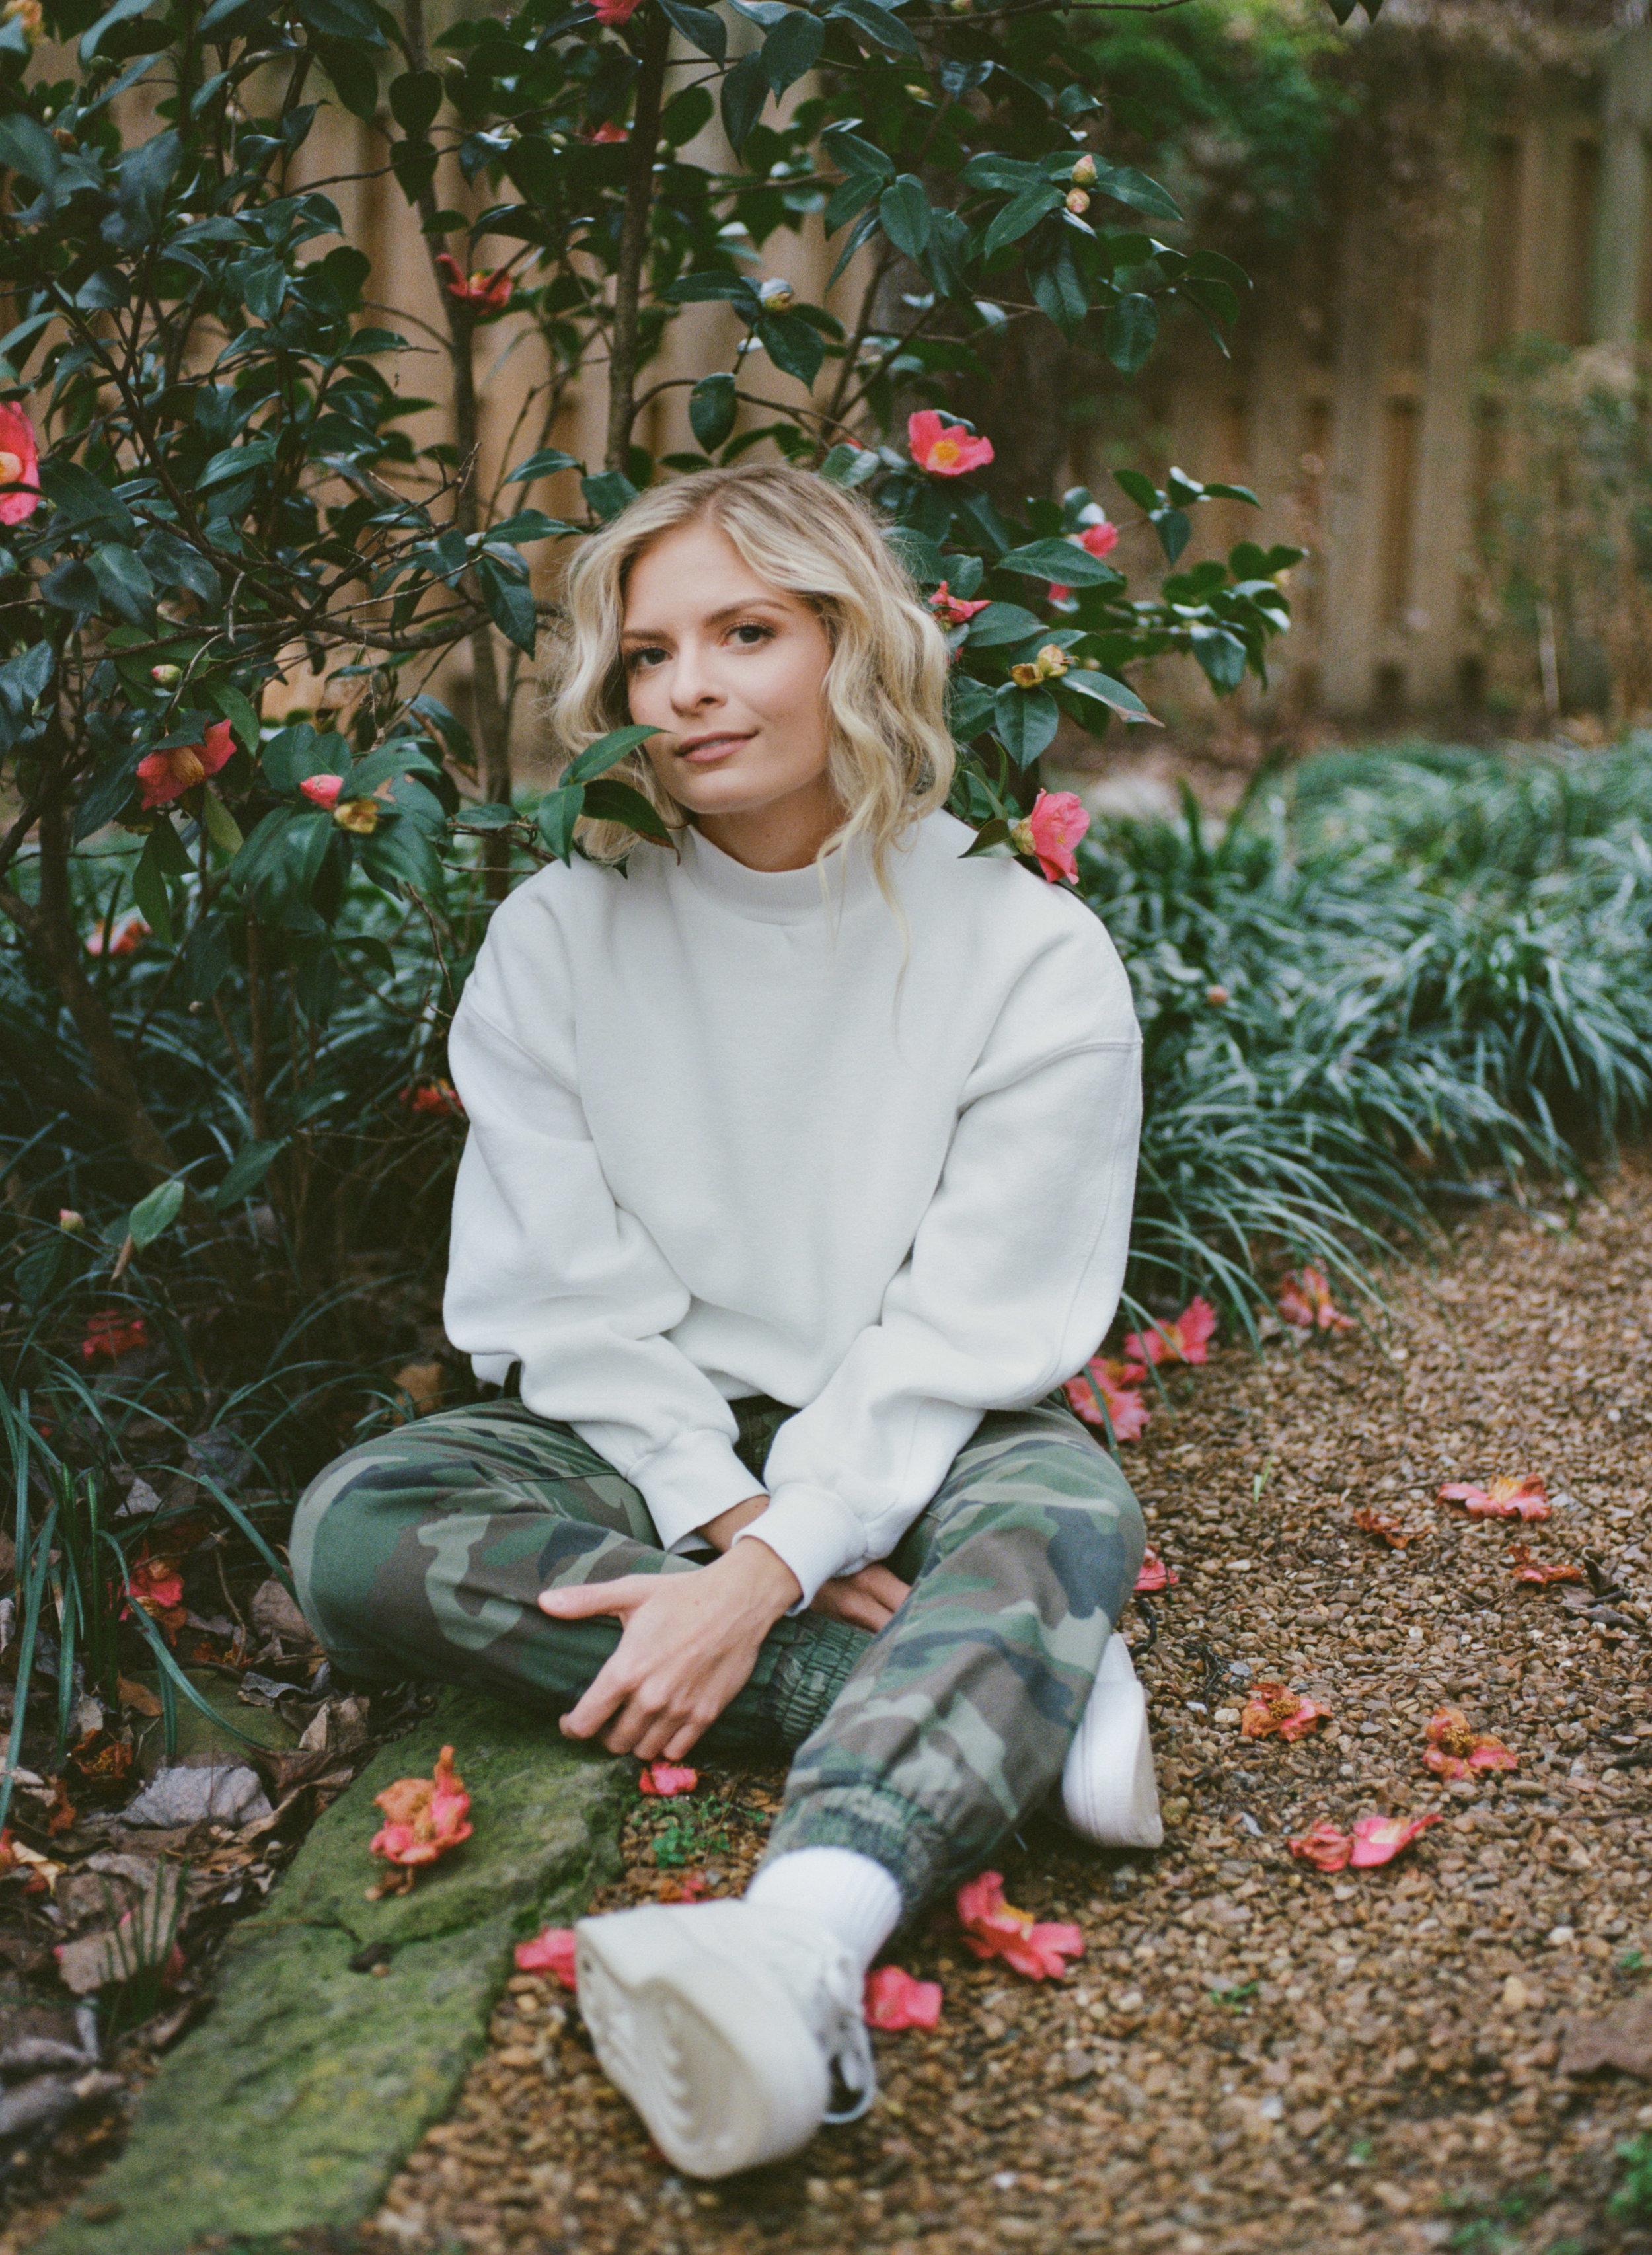 Lauren-Duski-film-1.jpg